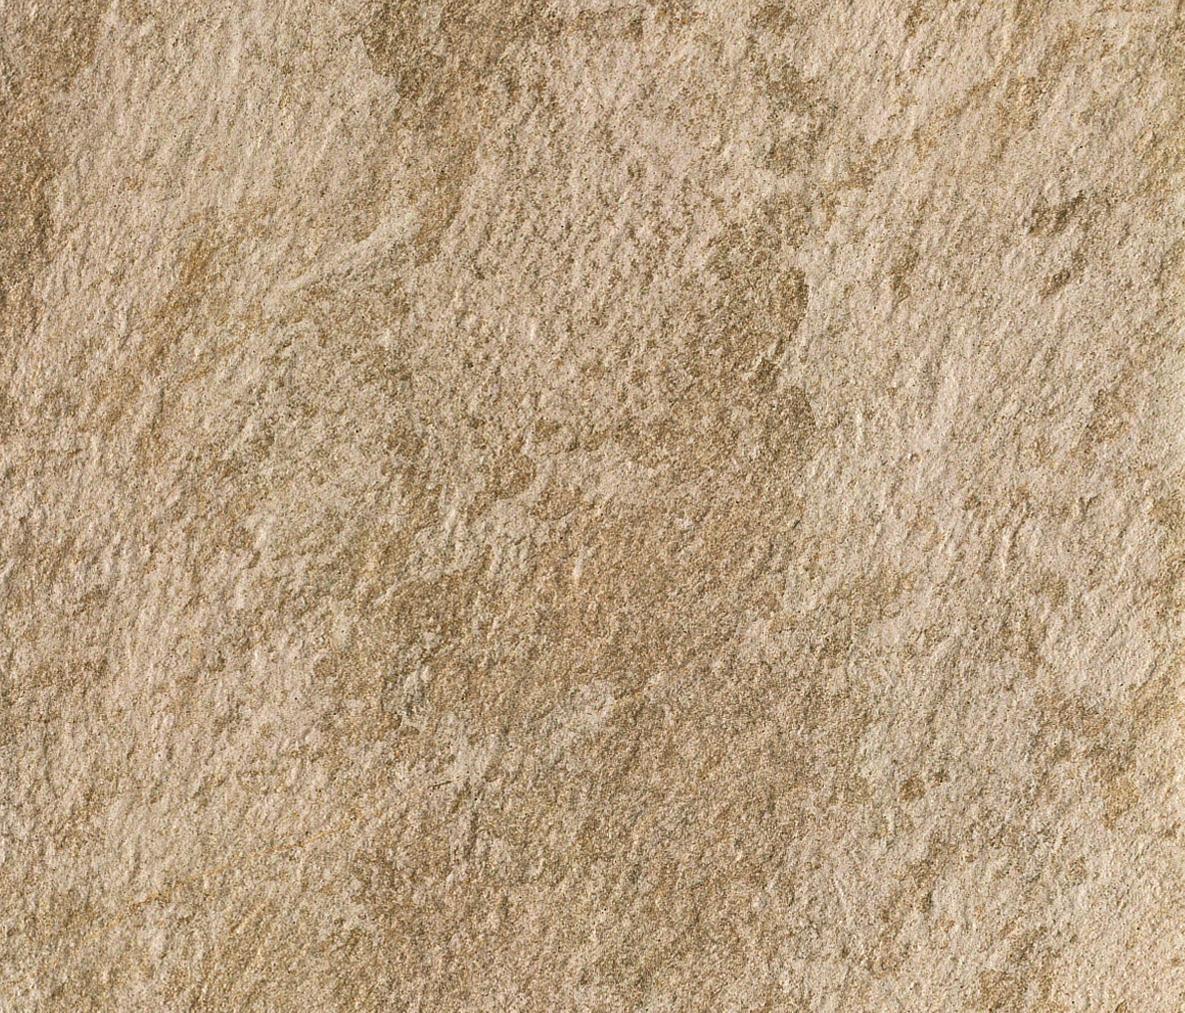 Walks 1 0 beige carrelages de floor gres by florim for 0 floor